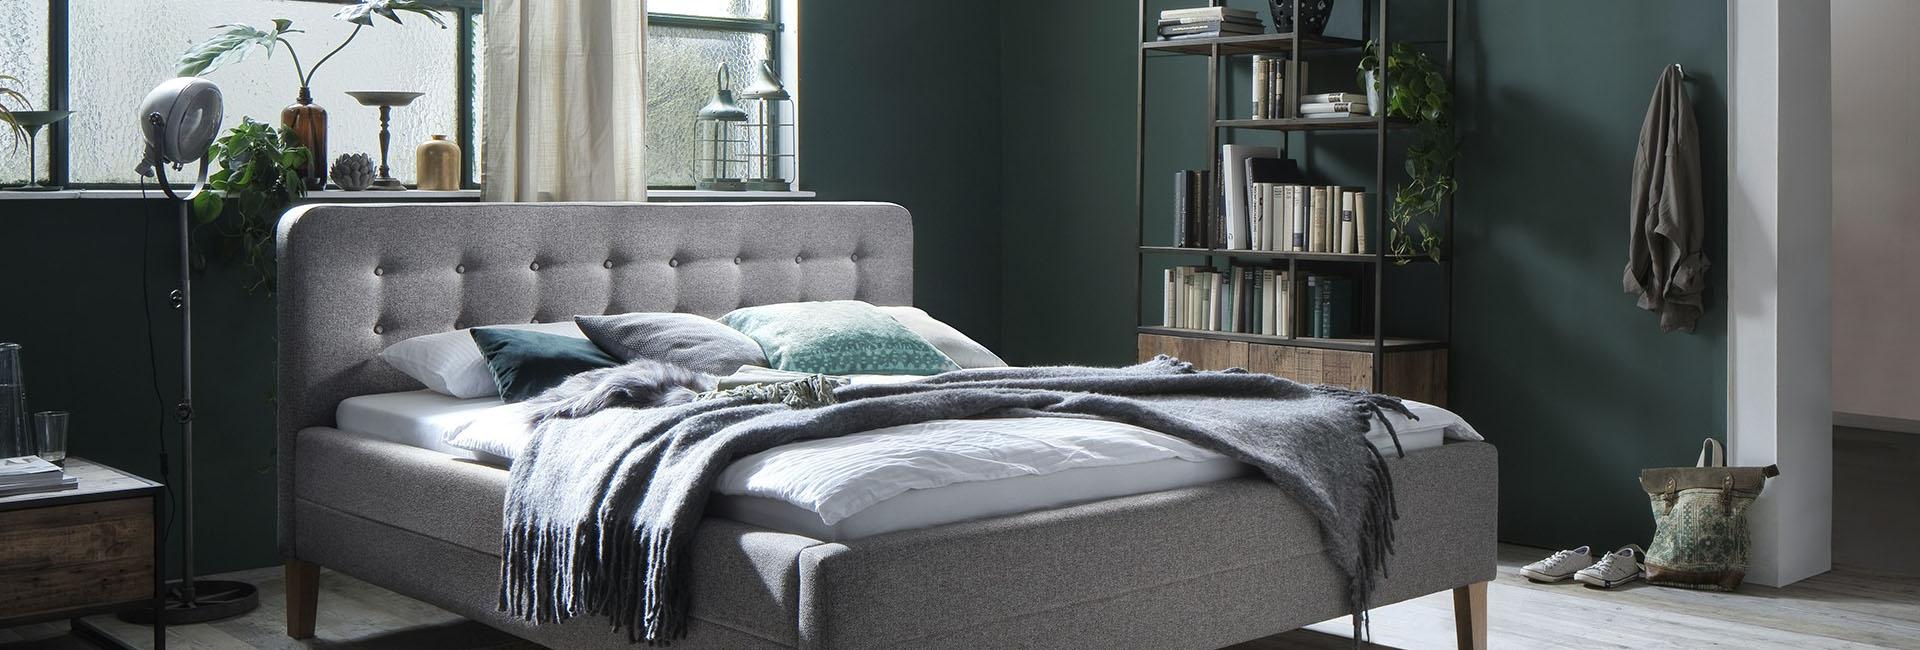 Full Size of Ruf Betten Preise Schlafzimmermbel Im Mbel Kraft Onlineshop Kaufen Günstige Gebrauchte Ebay 200x220 Coole 140x200 Billige Mit Aufbewahrung Für Bett Ruf Betten Preise